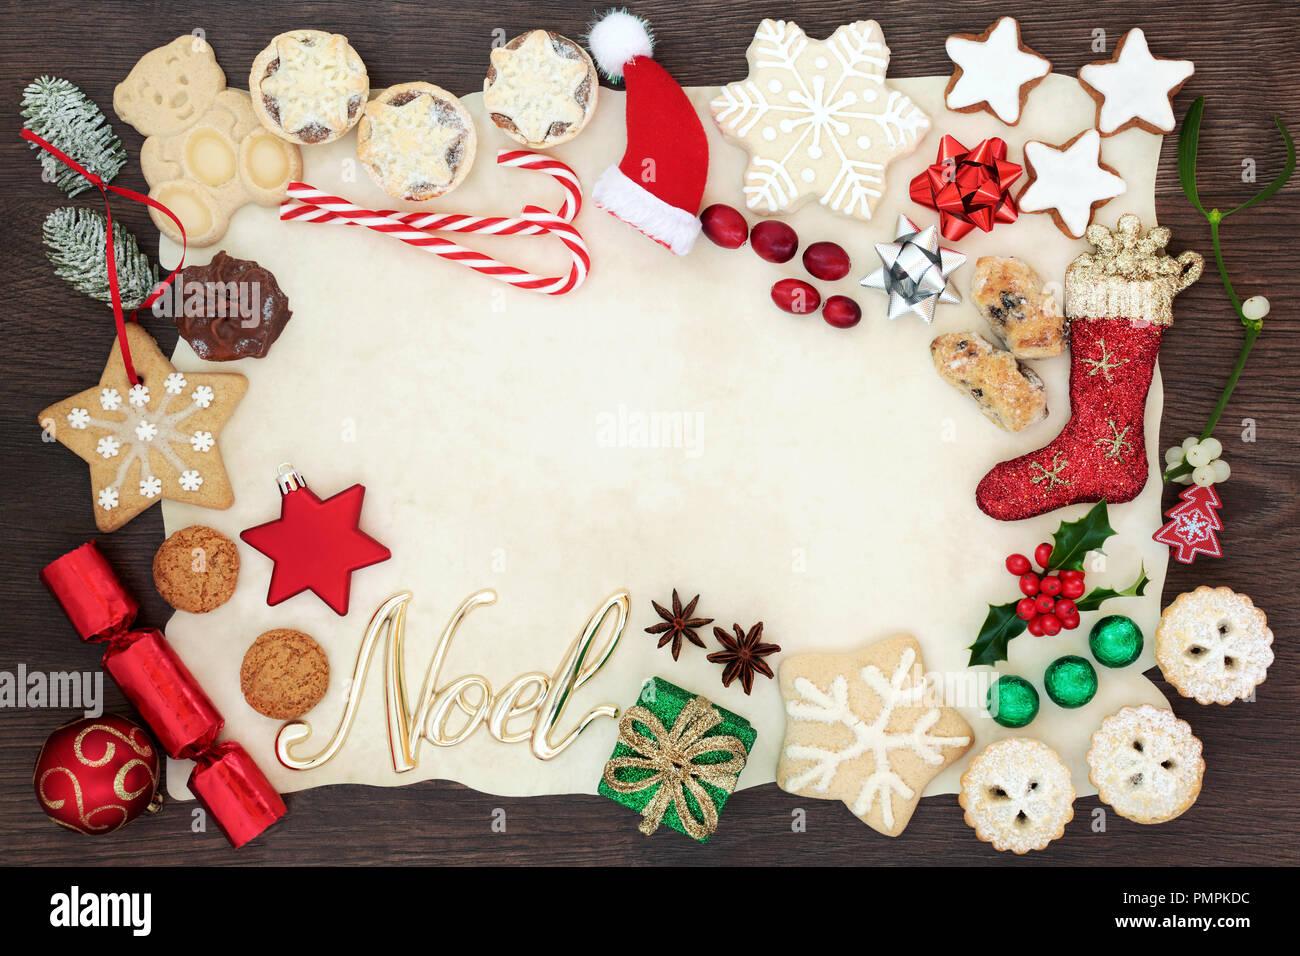 Bordure de l'arrière-plan et noel Noël y compris des décorations de l'arbre, des biscuits, des gâteaux, des fruits, des chocolats et de la flore d'hiver sur le papier parchemin sur chêne rustique. Photo Stock